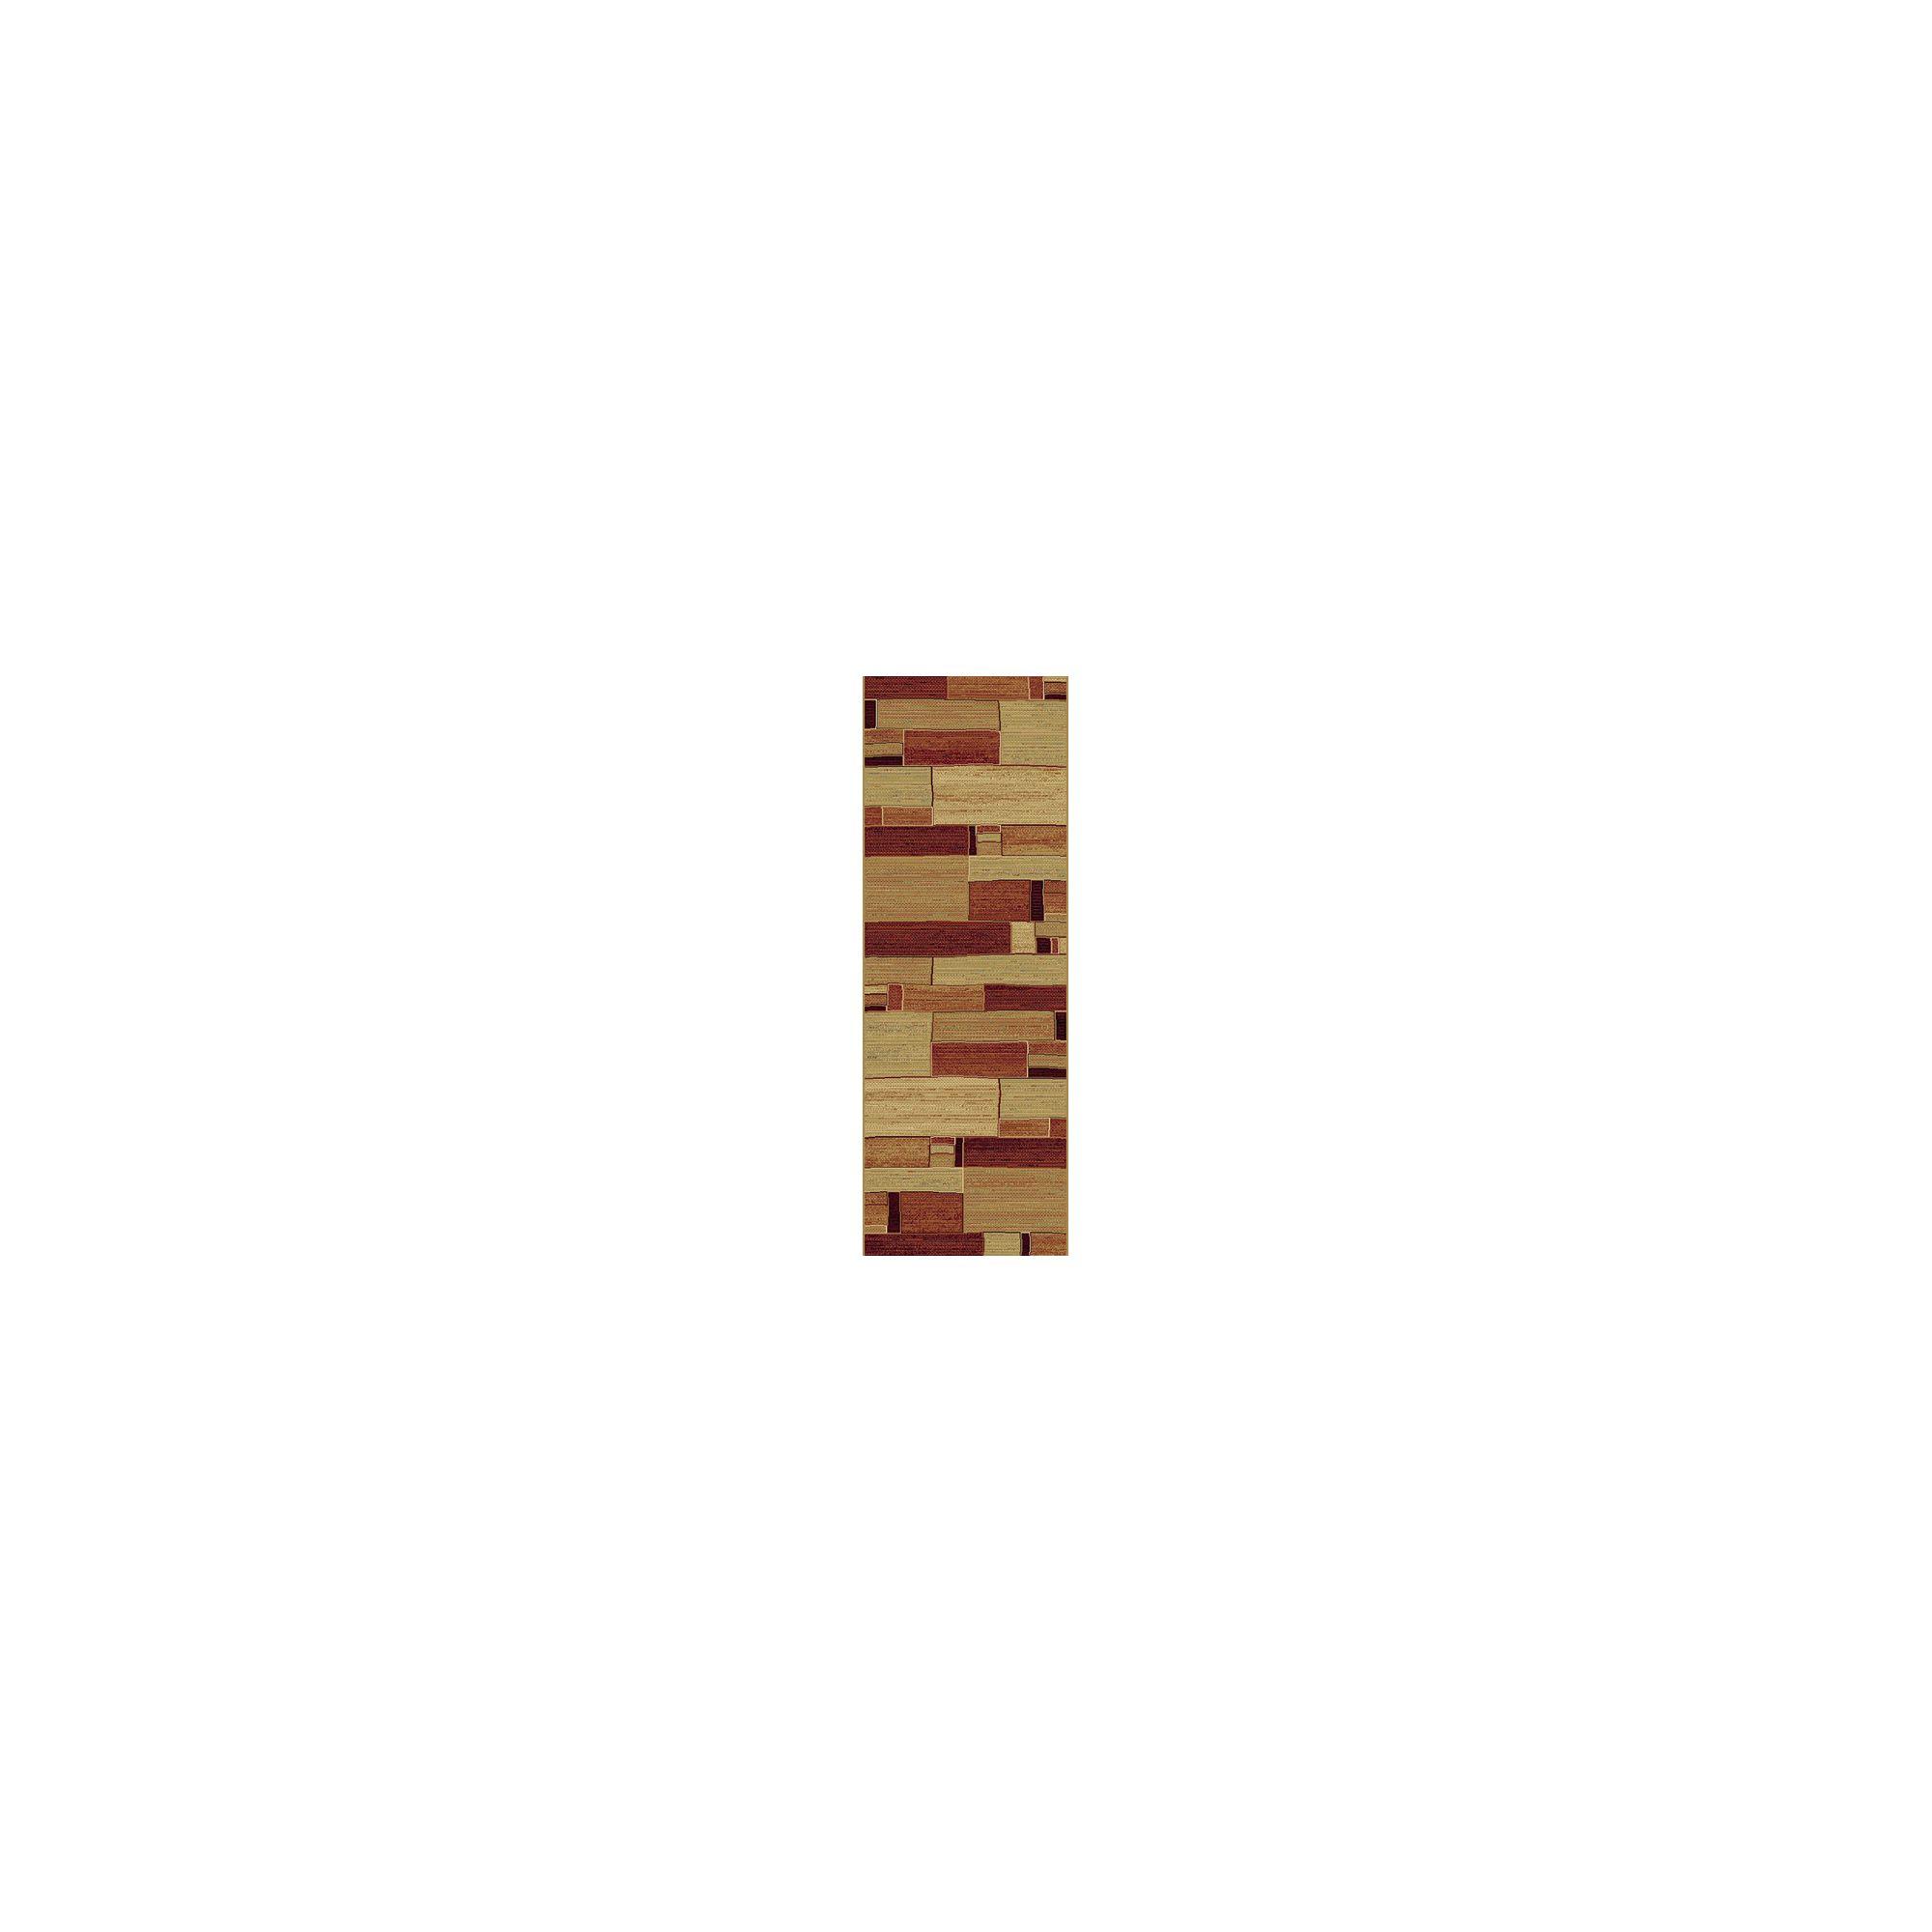 Mastercraft Rugs Galleria Beige Red Block Rug - 200cm x 290cm